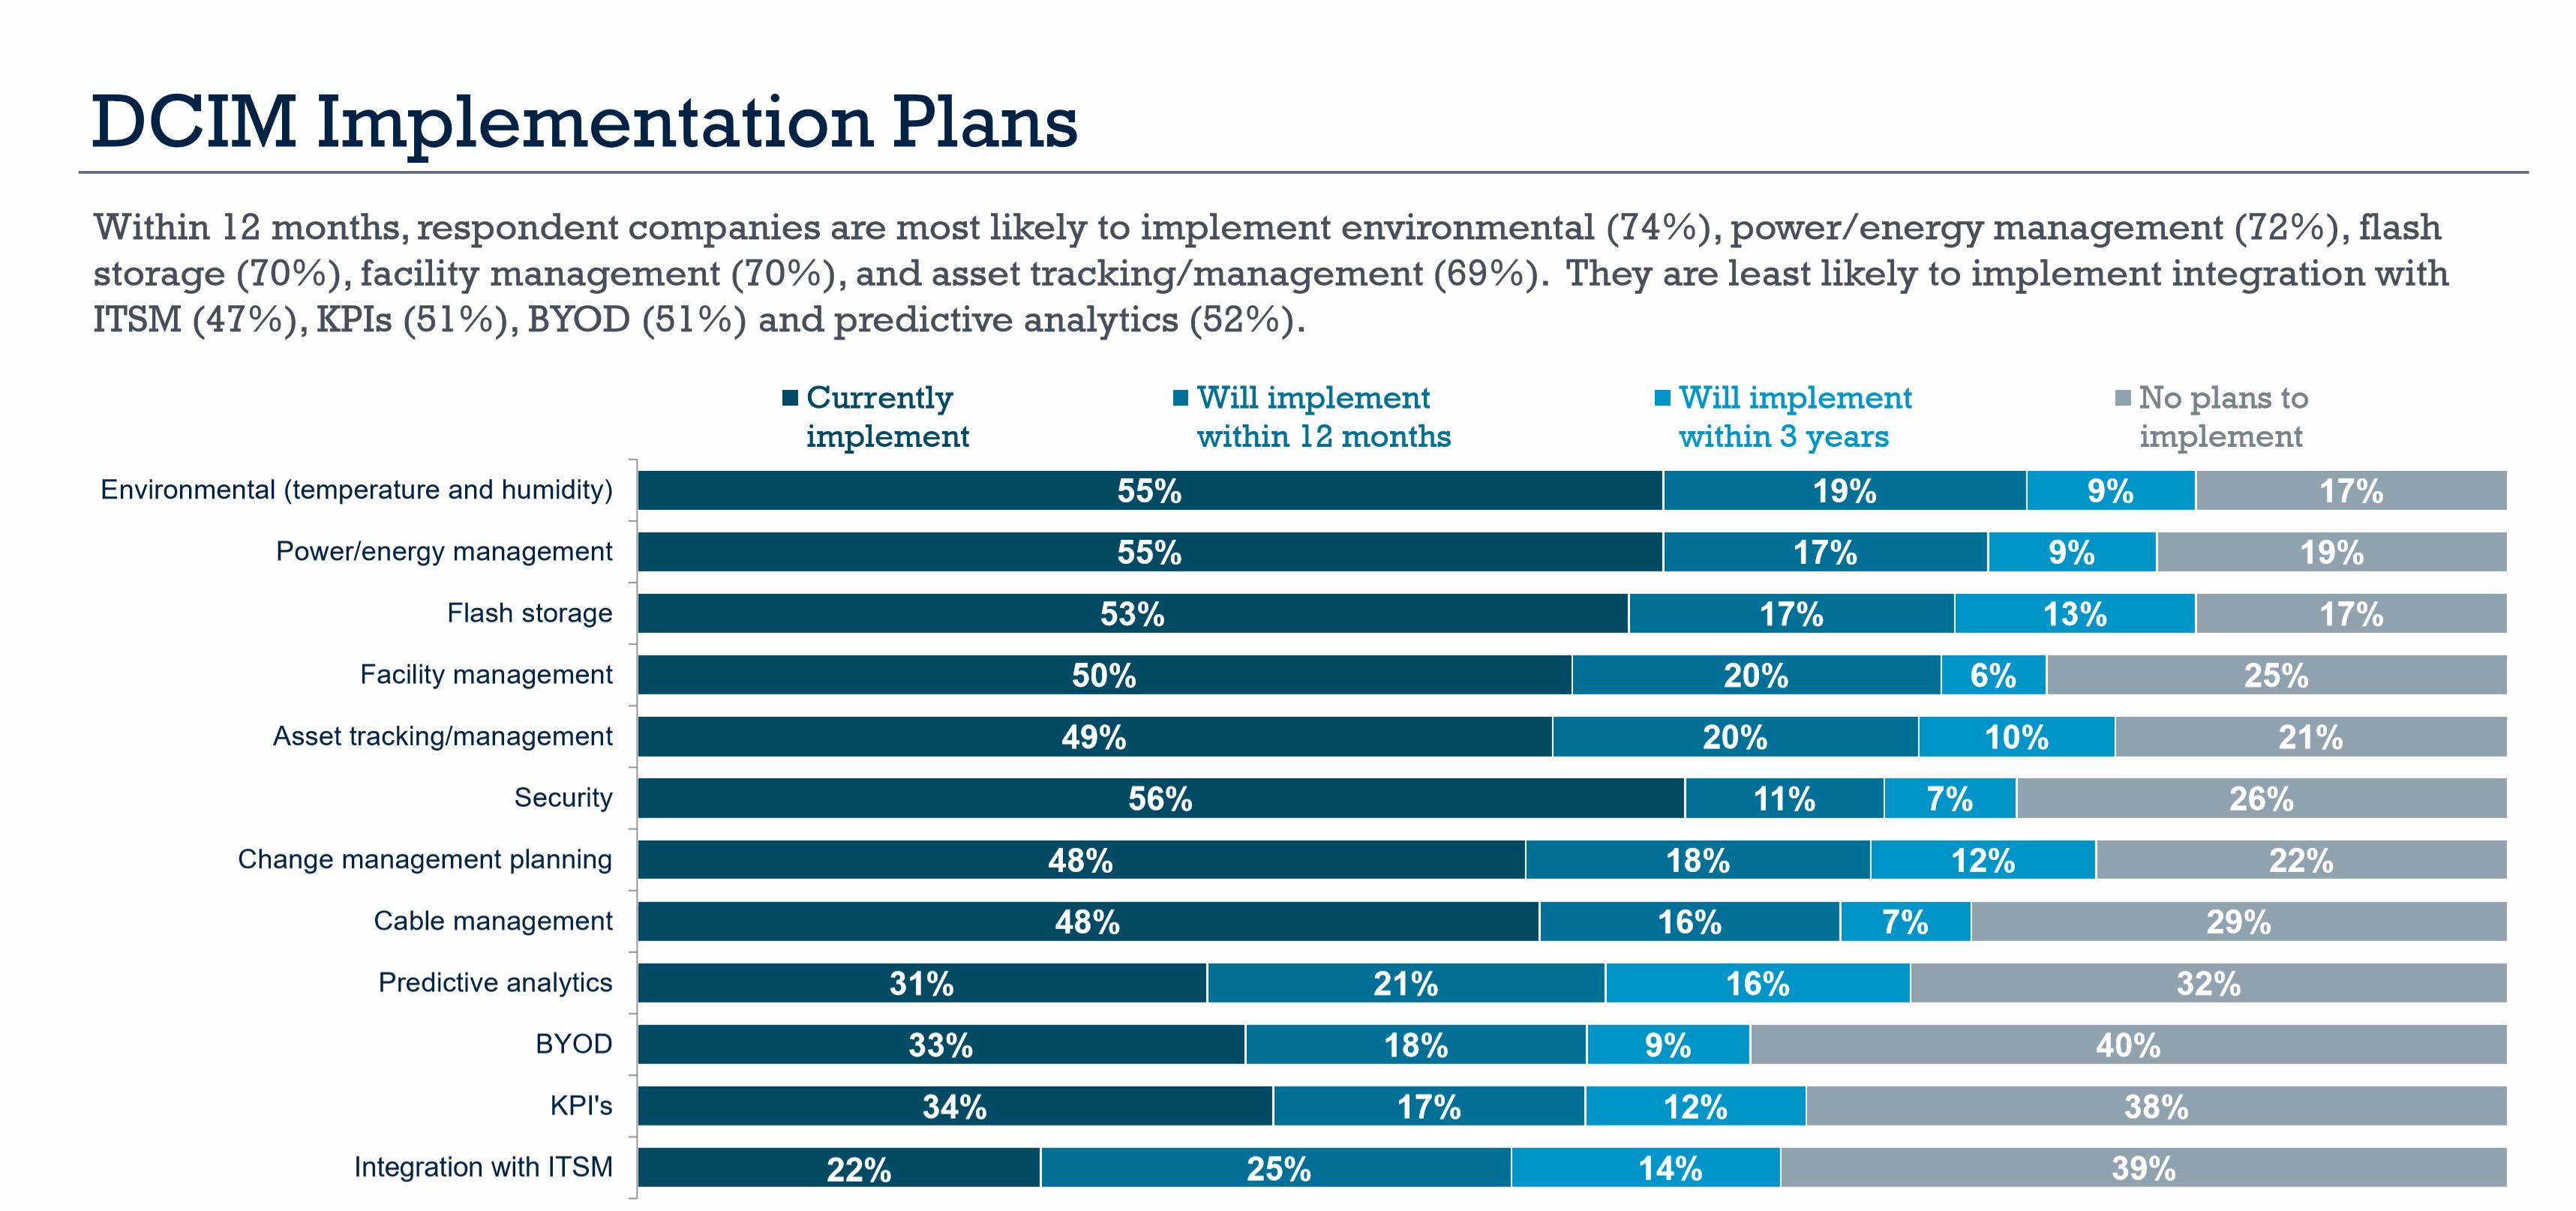 DCIM Implementation Plans